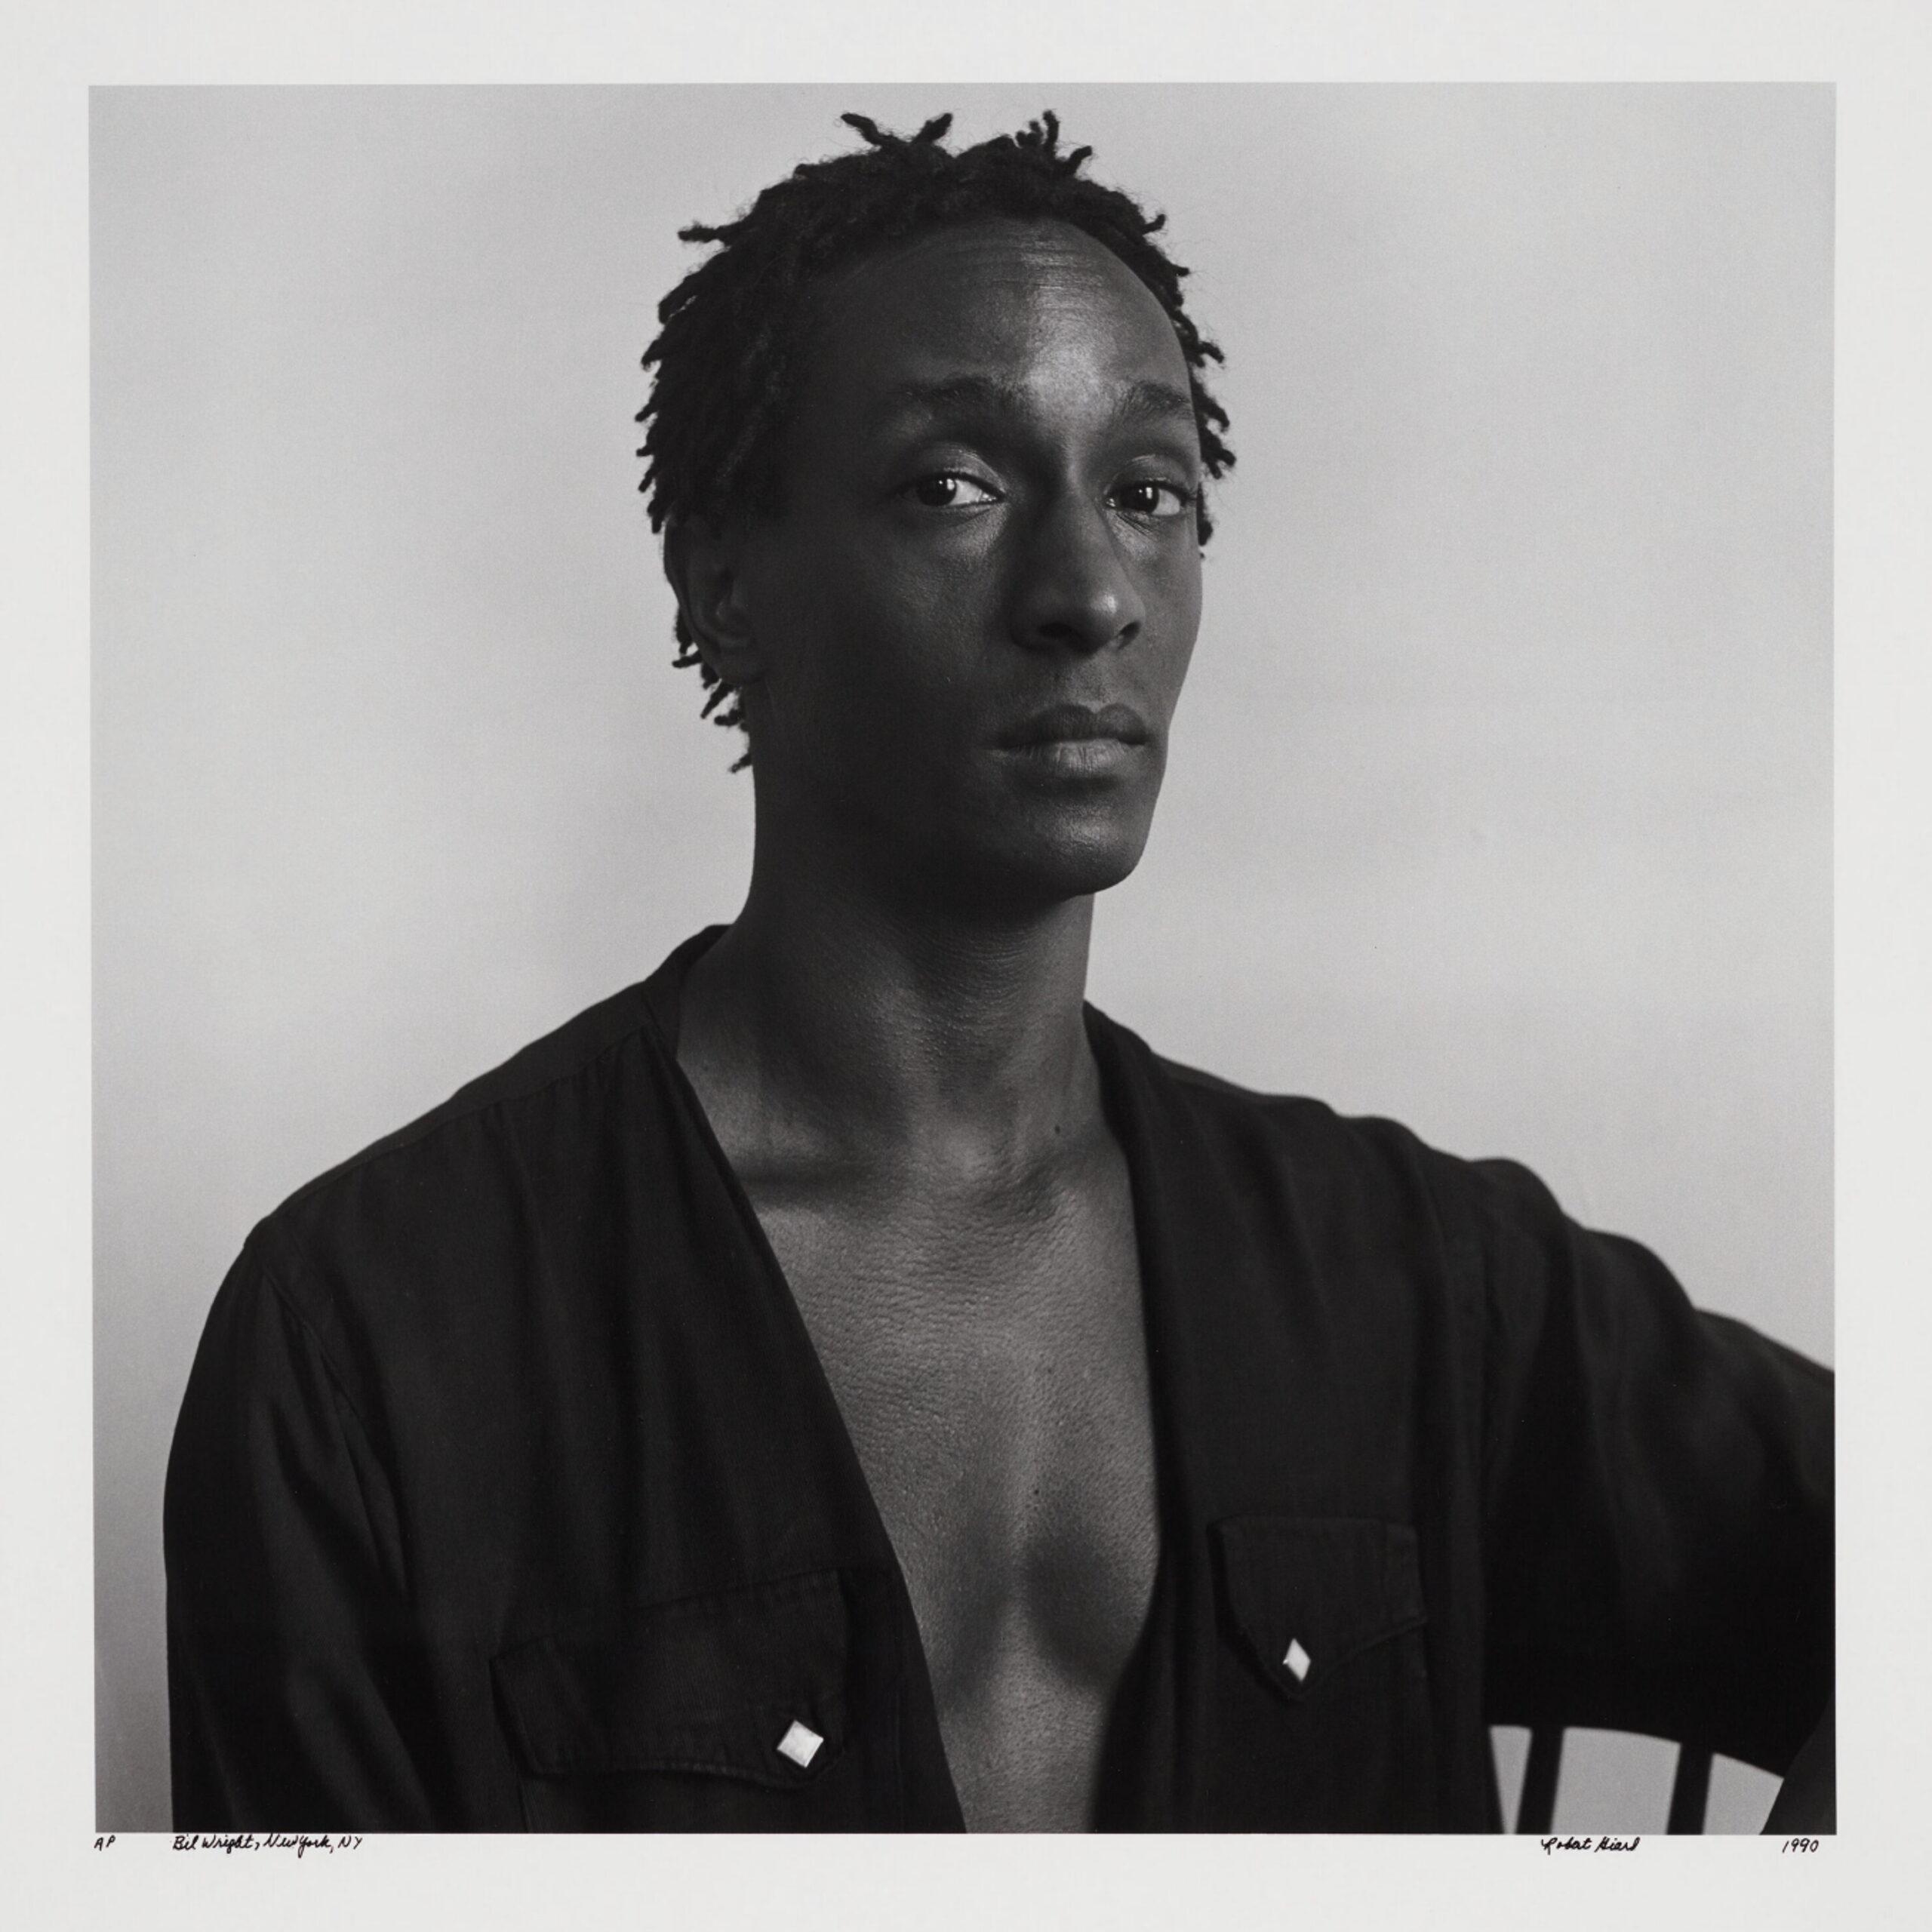 Bil Wright, 1990